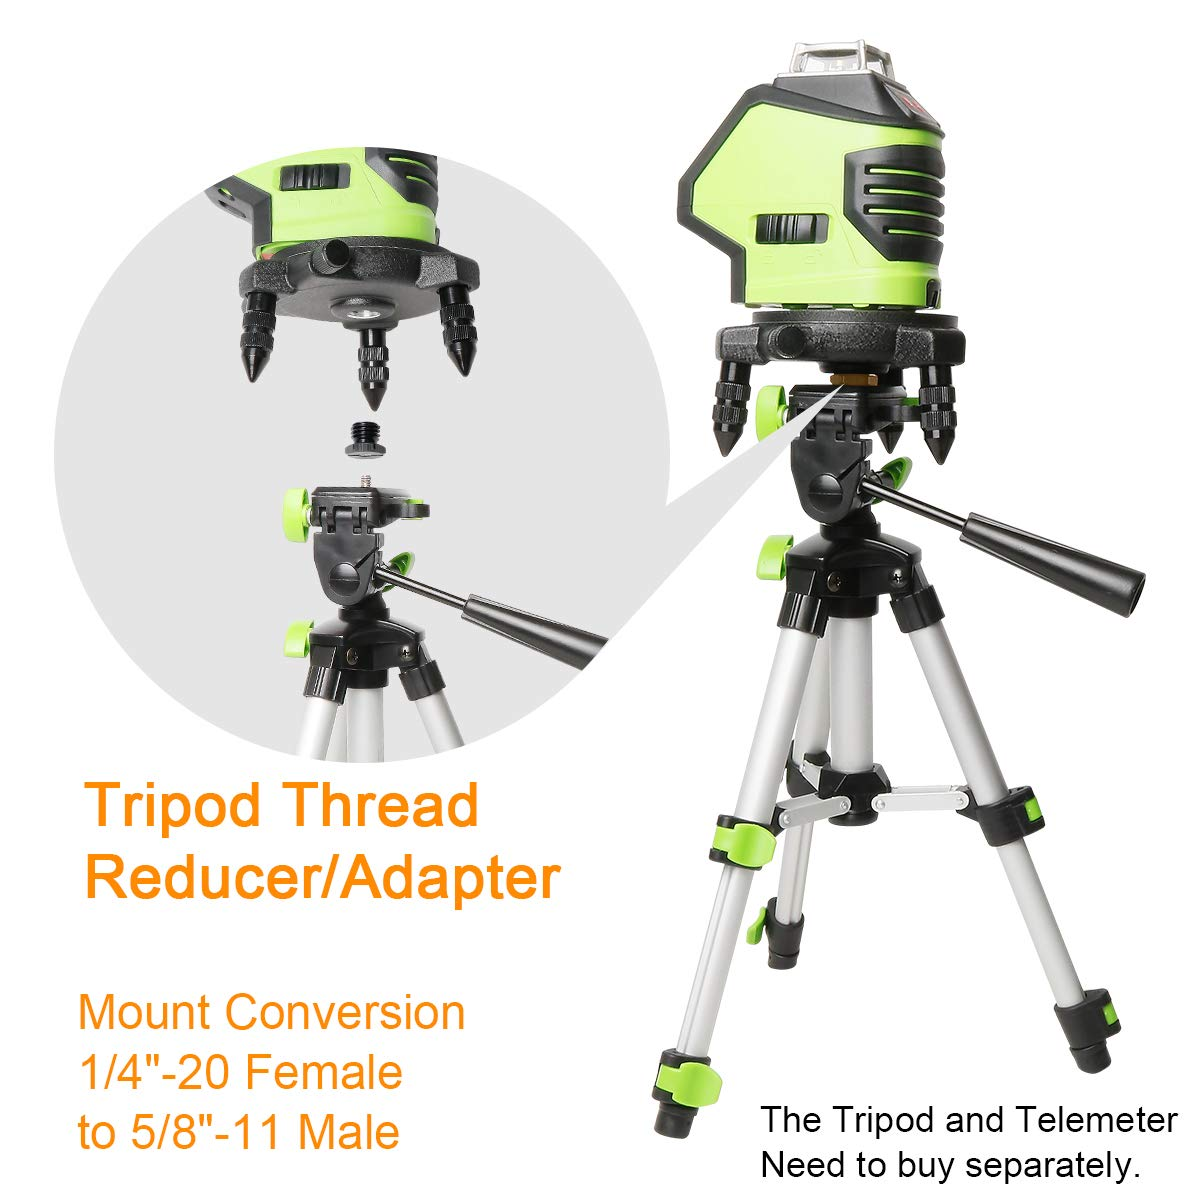 Adaptador de rosca tr/ípode Huepar de 2 pieza tornillo de reducci/ón//adaptador de conversi/ón de montaje 1//4-20 hembra a 5//8-11 macho para polo l/áser de tr/ípode